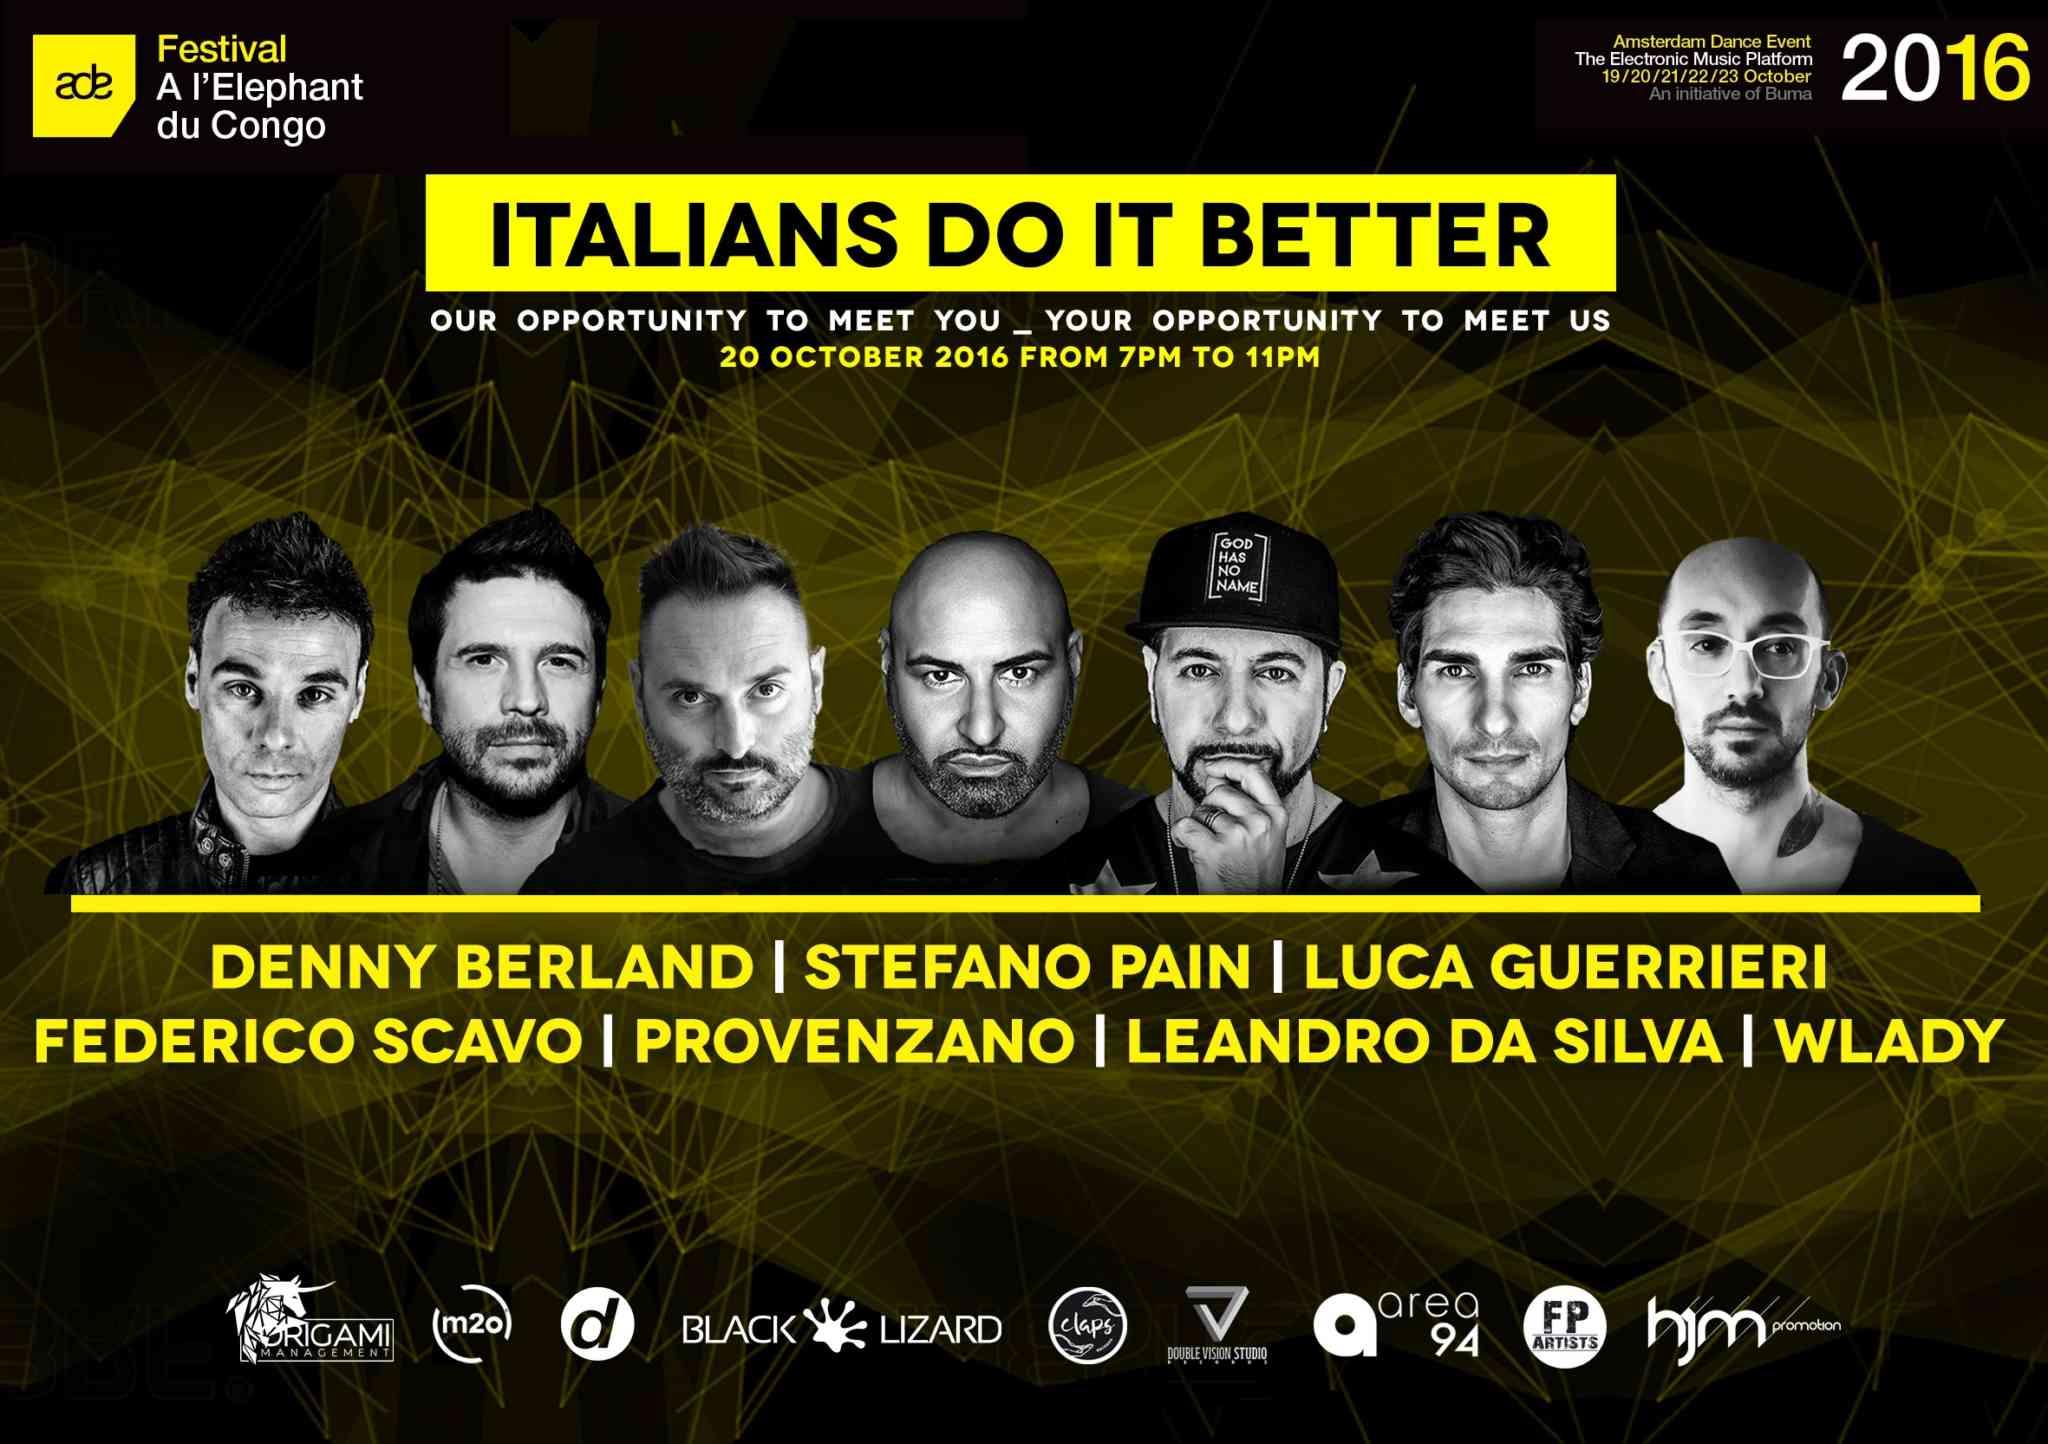 Musica elettronica, ad Amsterdam con Italians do it better